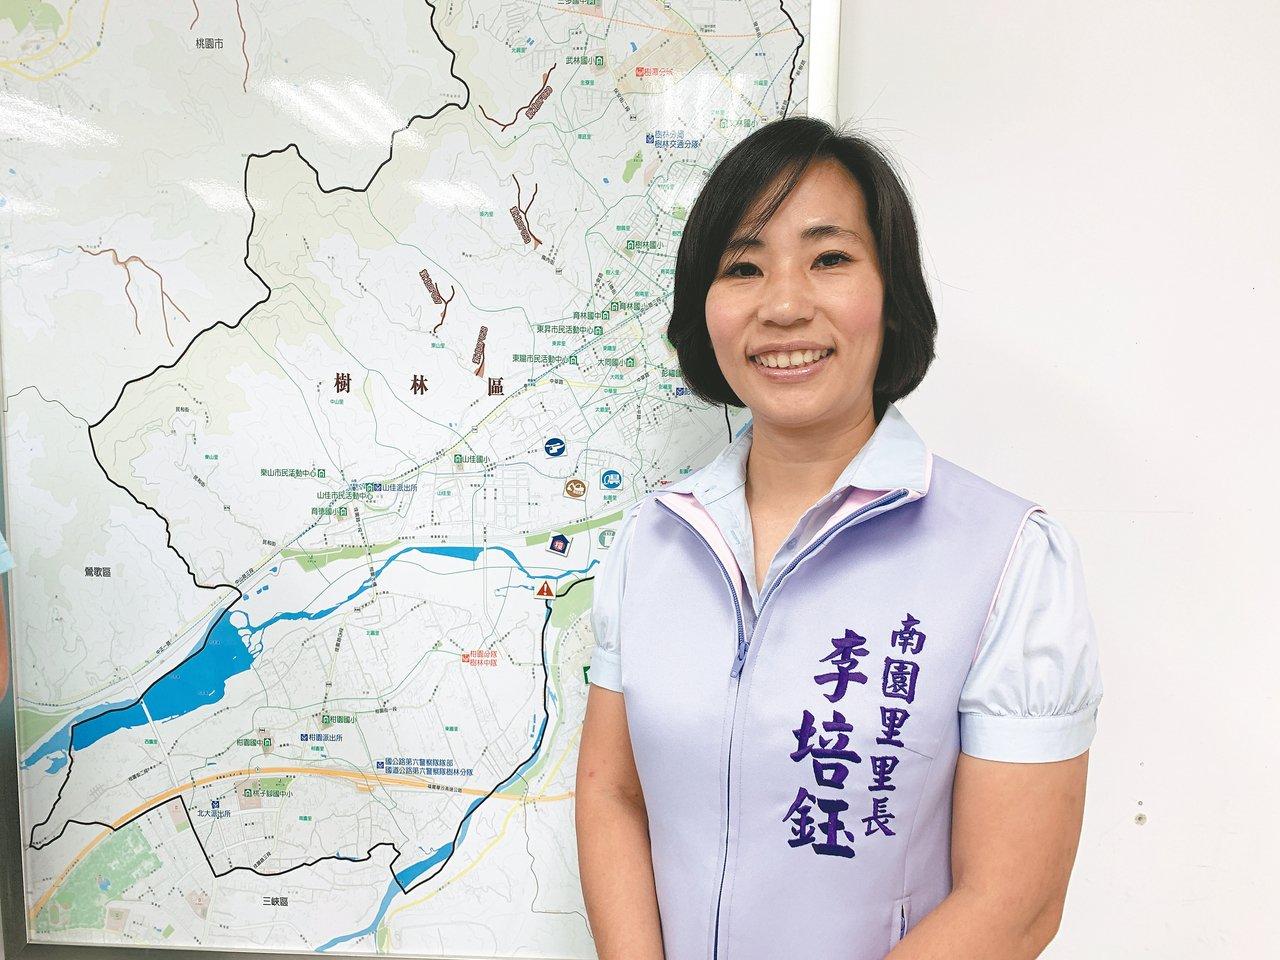 樹林區南園里長李培鈺是新科里長,每周三都會在擁有3000人的社群施政報告。 記者...